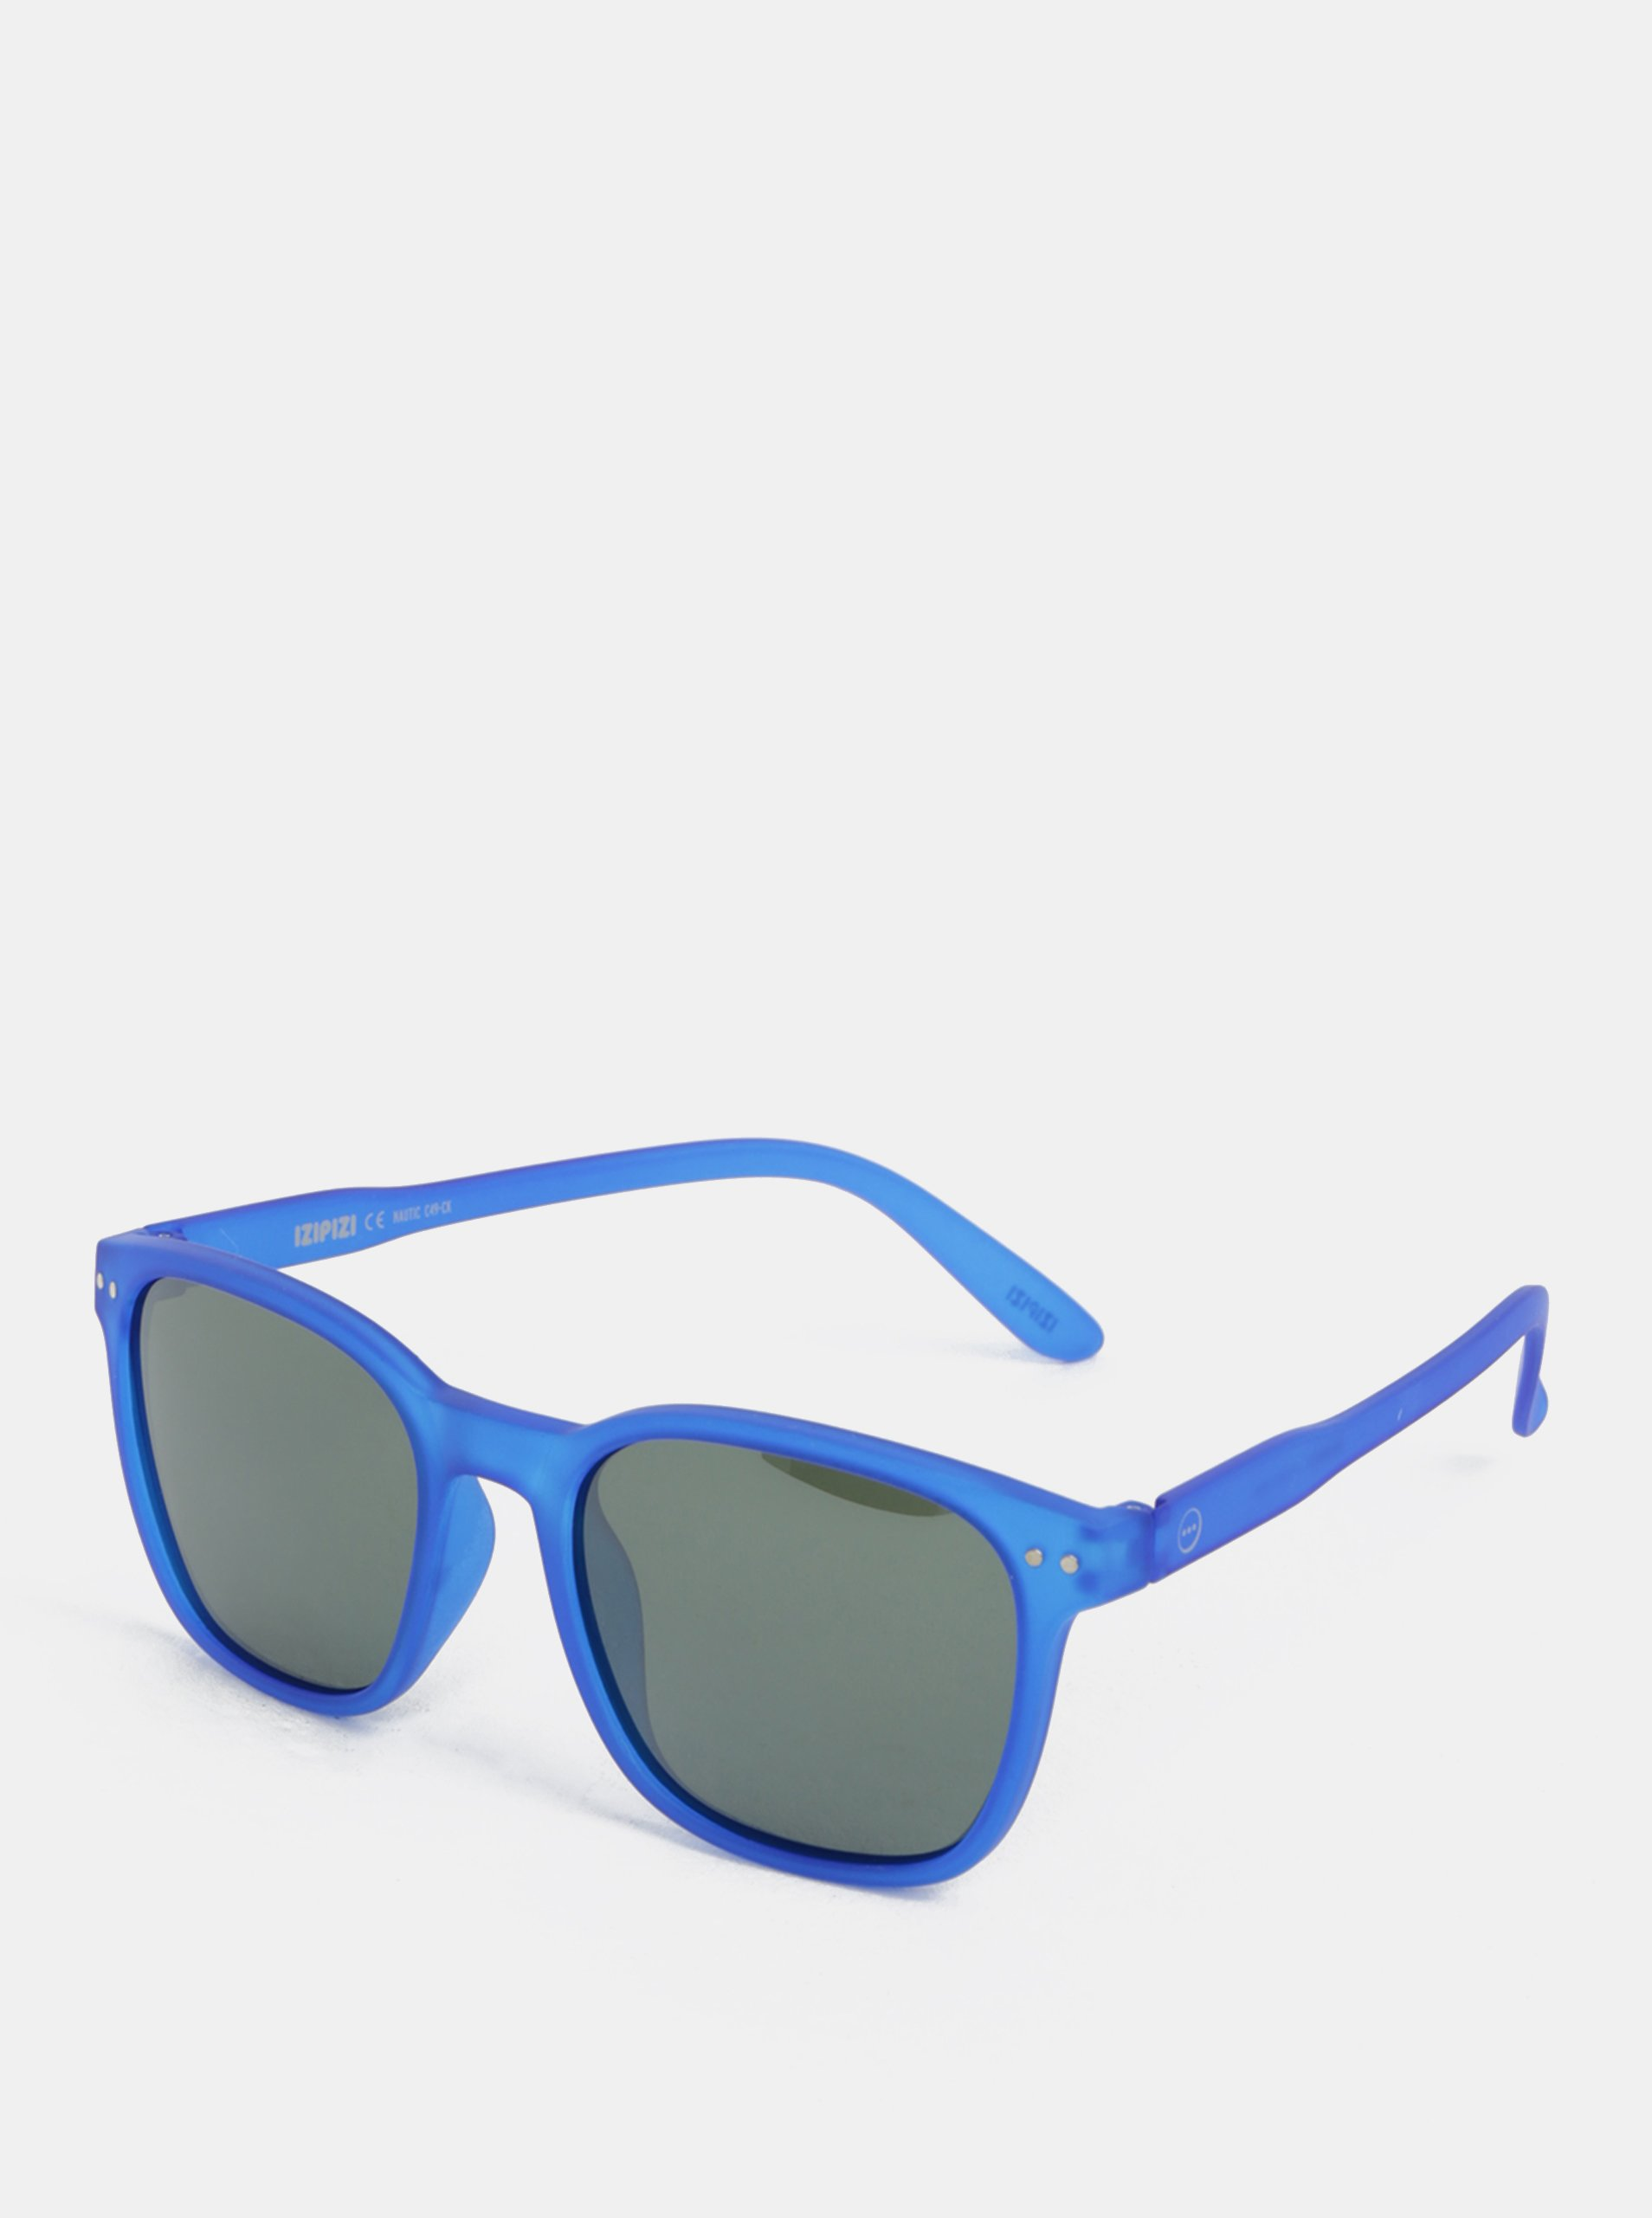 Modré sluneční polarizační brýle IZIPIZI Nautic 9a2867a6237